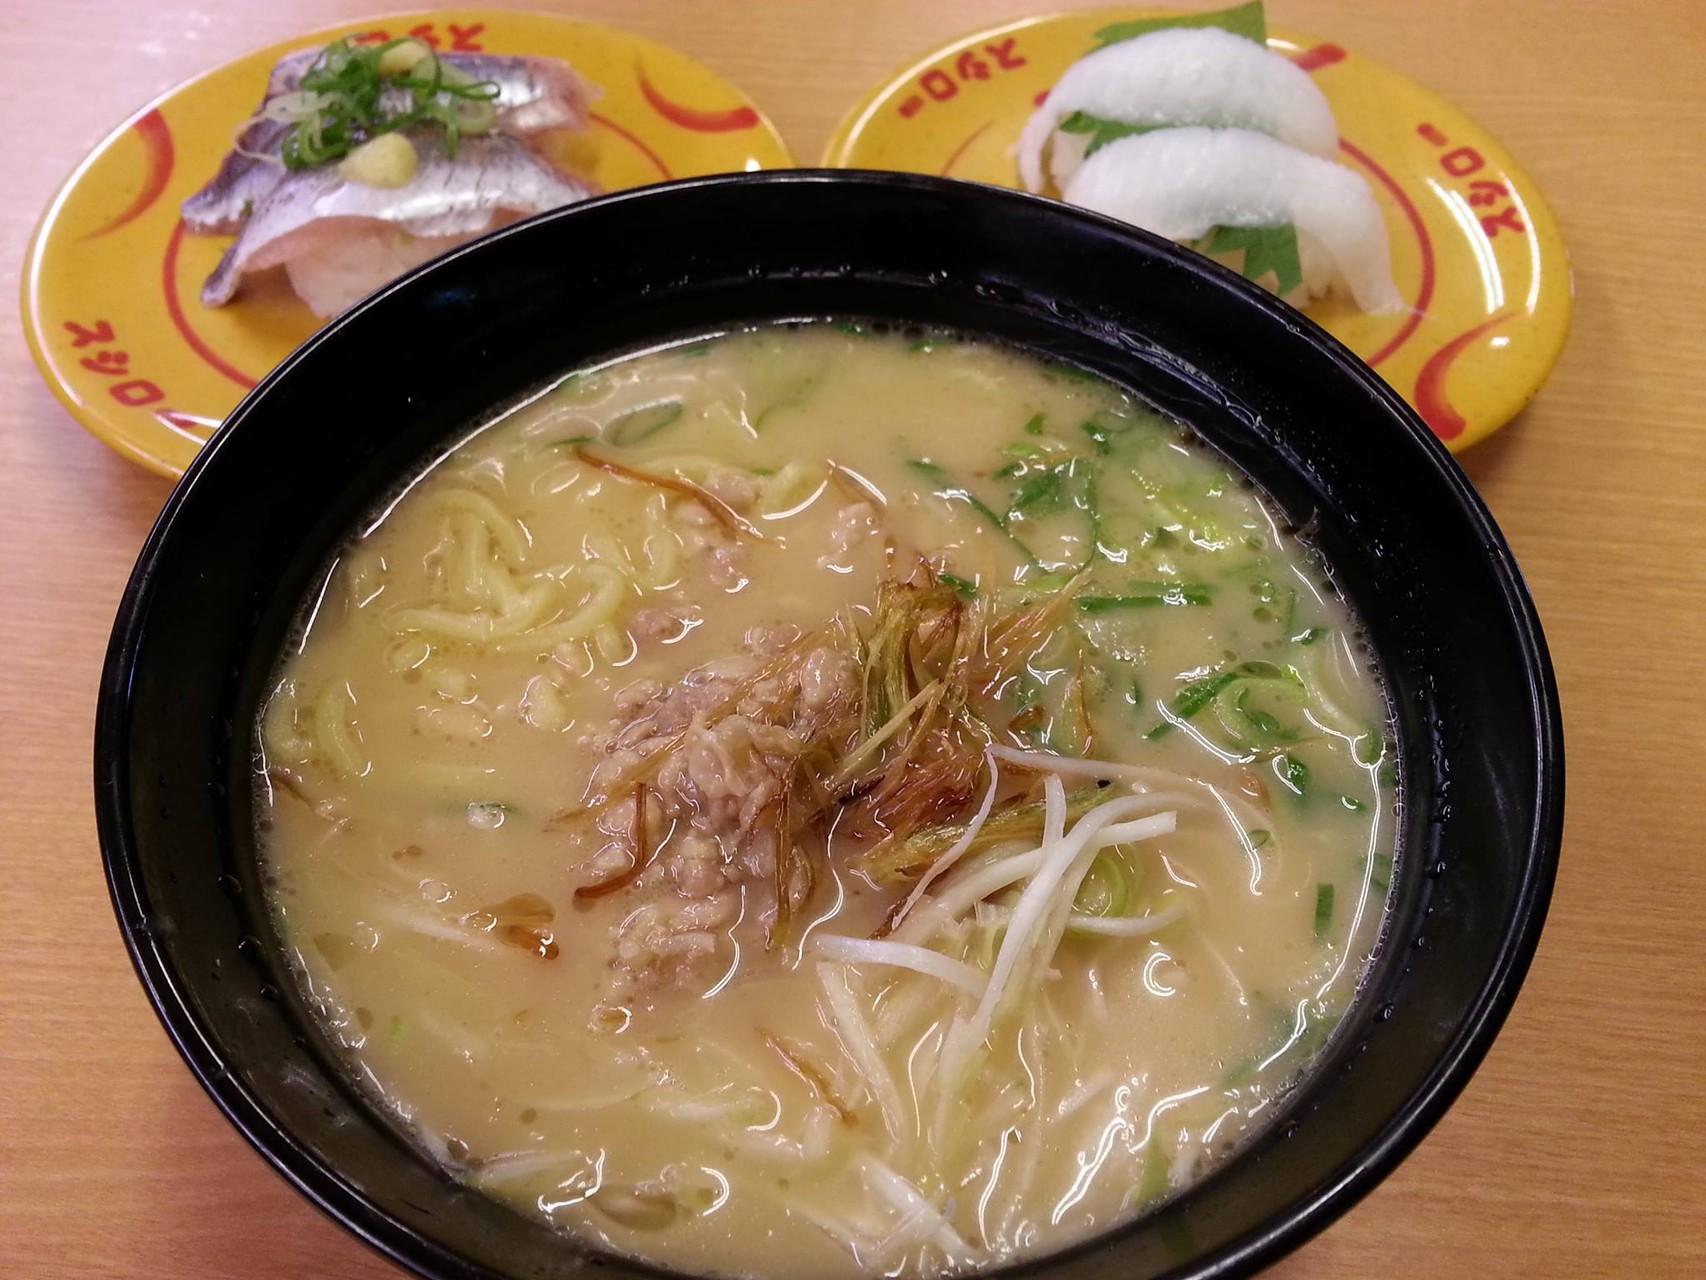 朝スシローで朝ラー。鶏そぼろ入り西京味噌ラーメン。フツーの味でつ。 【2014年7月13日】